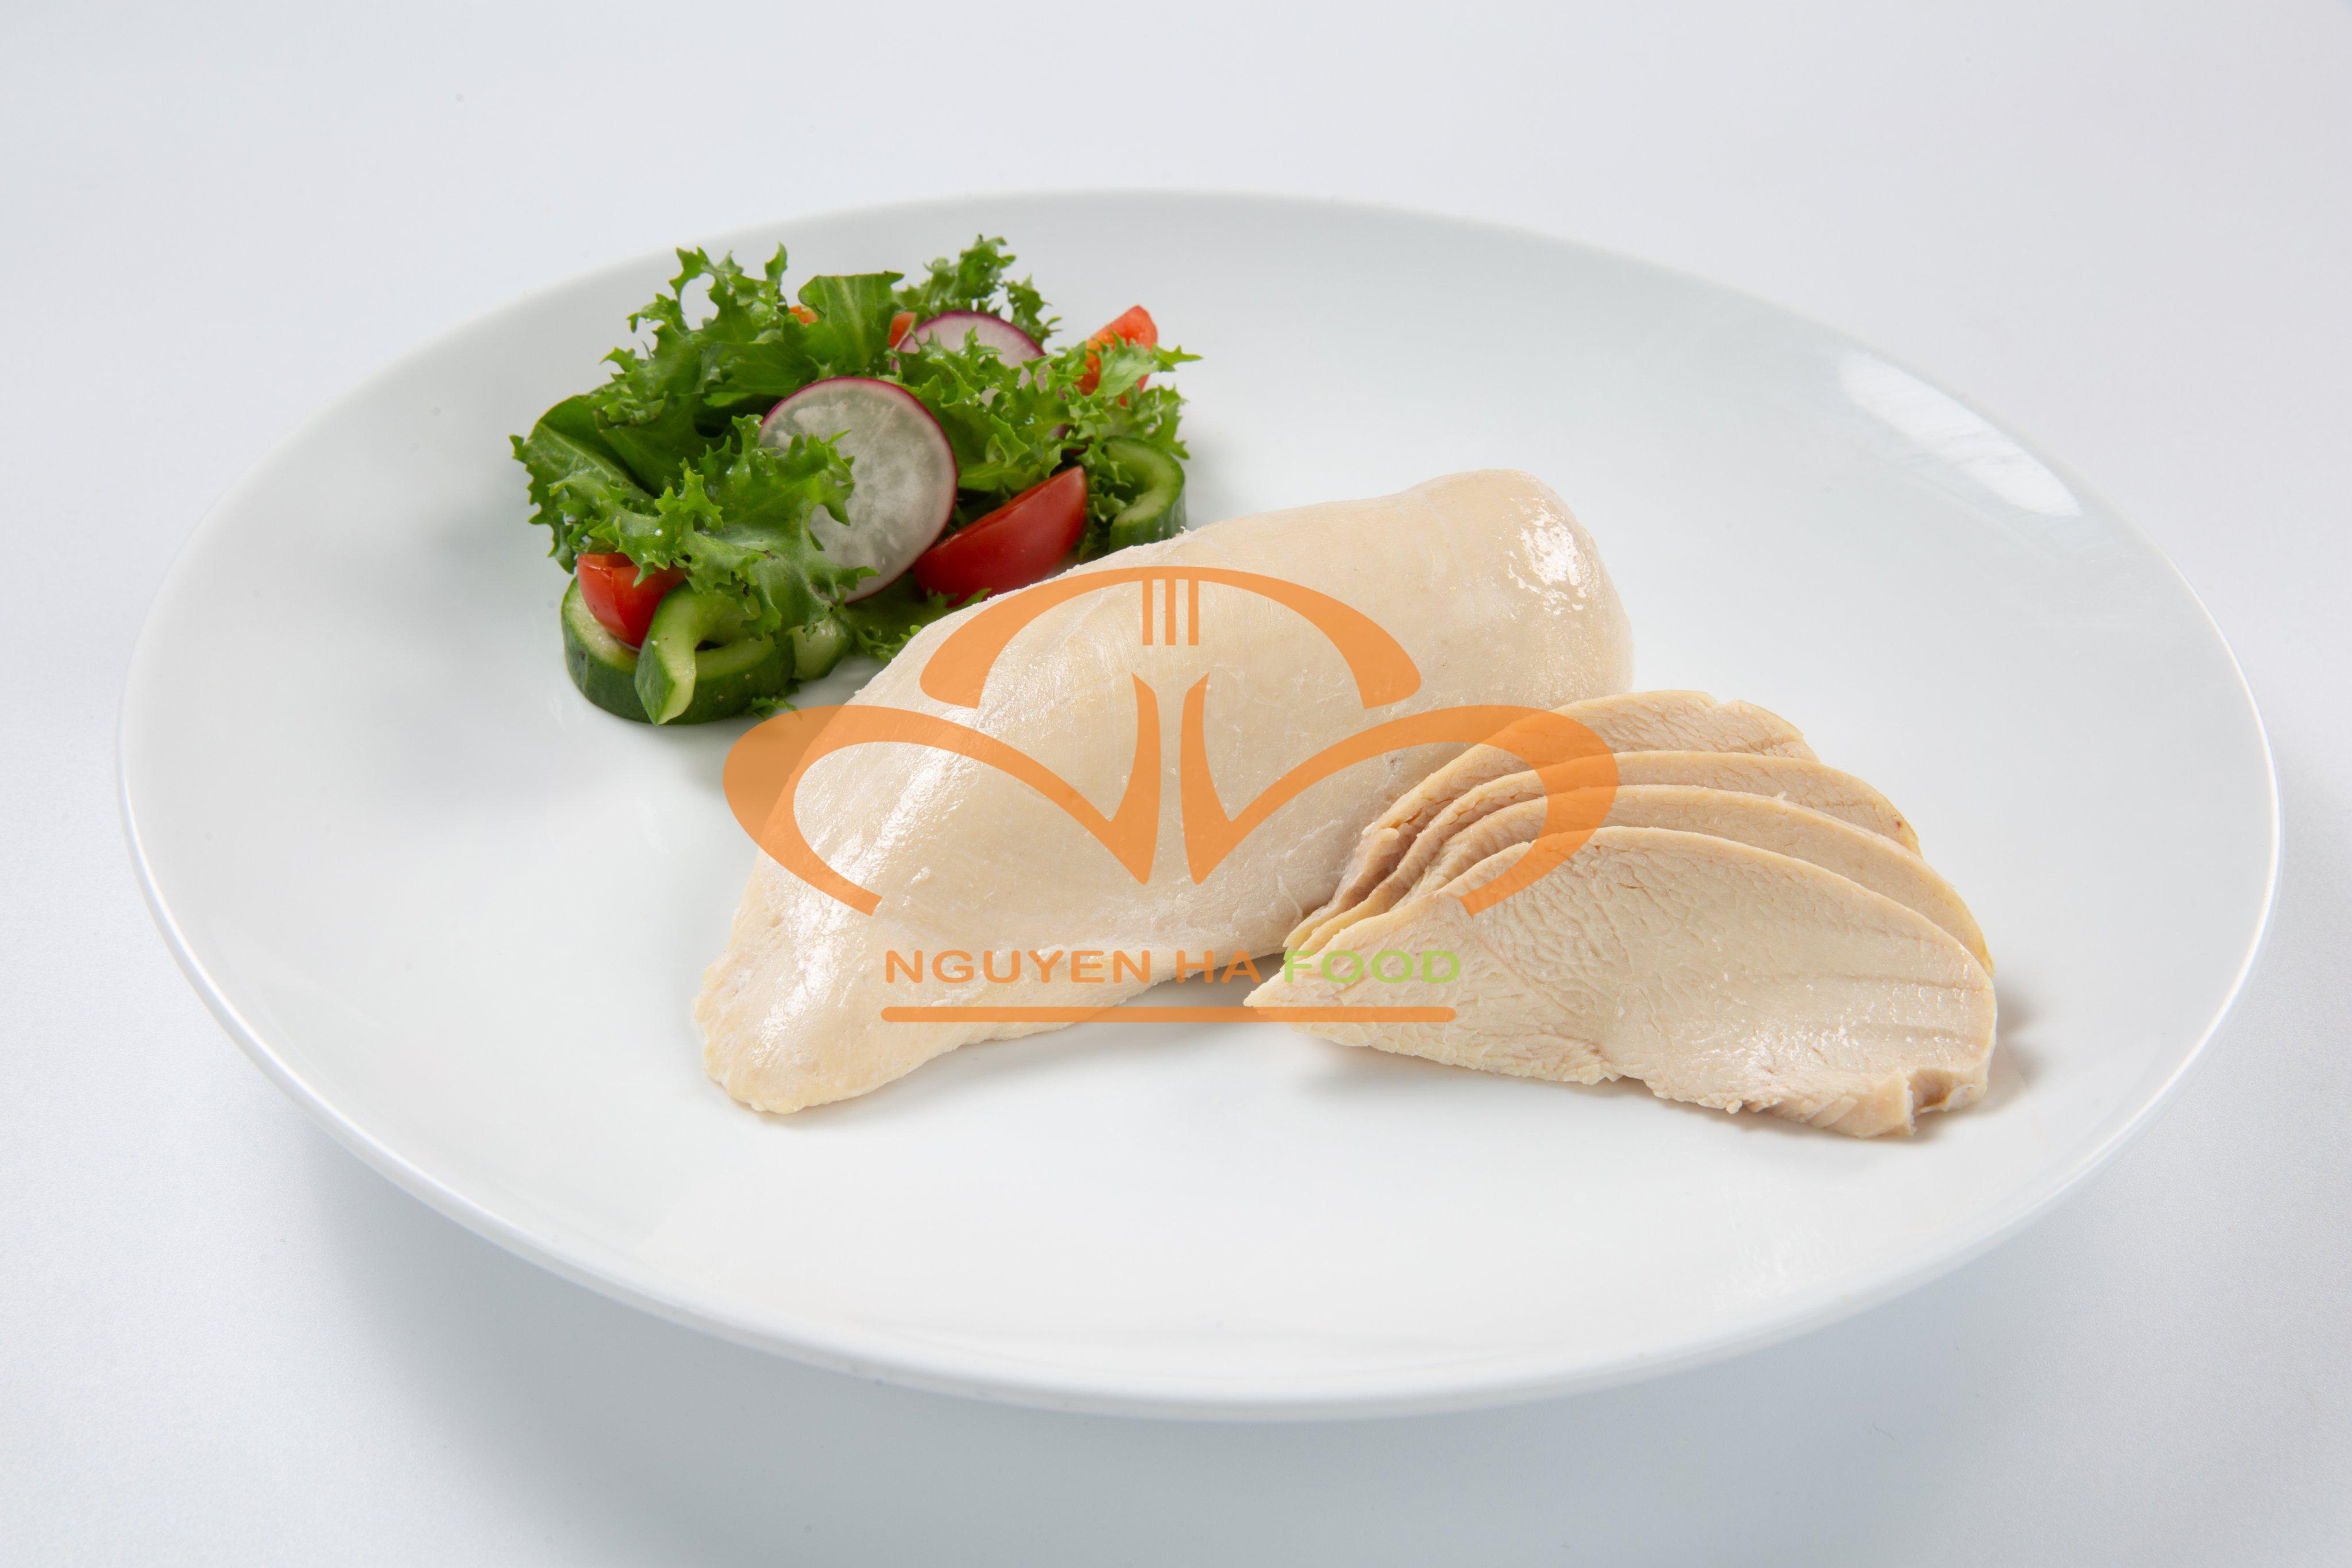 ga-karaage-nguyen-ha-food_5b